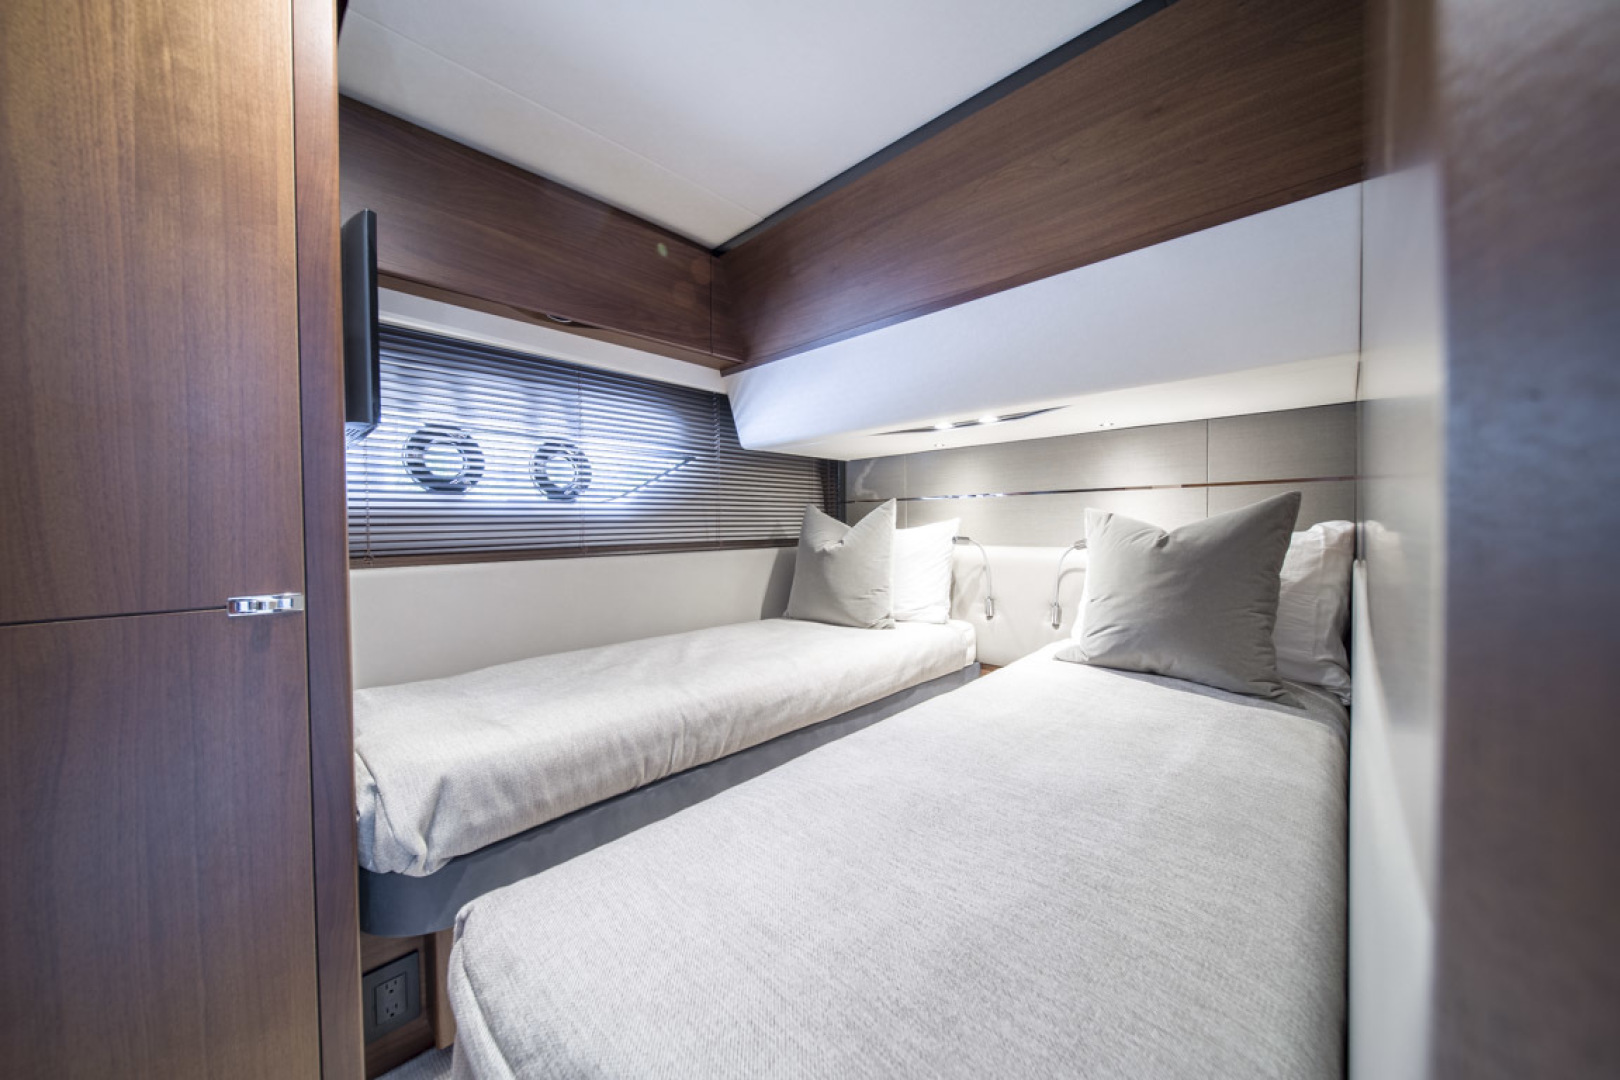 Princess-S65 2019-Paragon Cape Coral-Florida-United States-2019 65 Princess S65-Paragon-Starboard Guest Stateroom-1509924 | Thumbnail